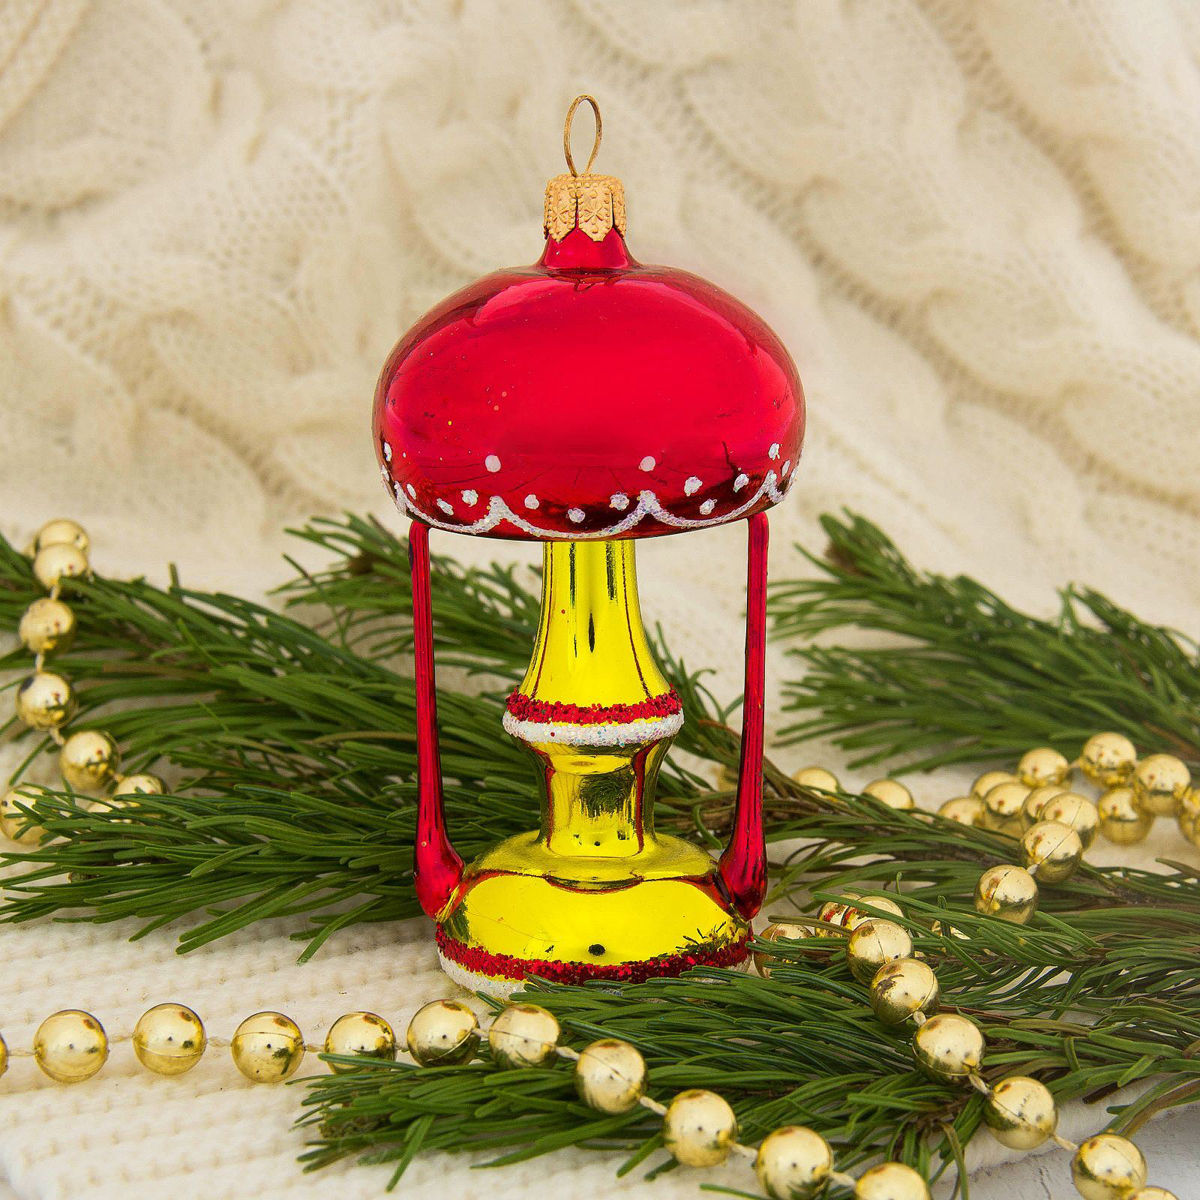 Украшение новогоднее елочное Ёлочка Ретро, 11 х 6,5 х 6,5 см2564820Невозможно представить нашу жизнь без праздников! Мы всегда ждём их и предвкушаем, обдумываем, как проведём памятный день, тщательно выбираем подарки и аксессуары, ведь именно они создают и поддерживают торжественный настрой.